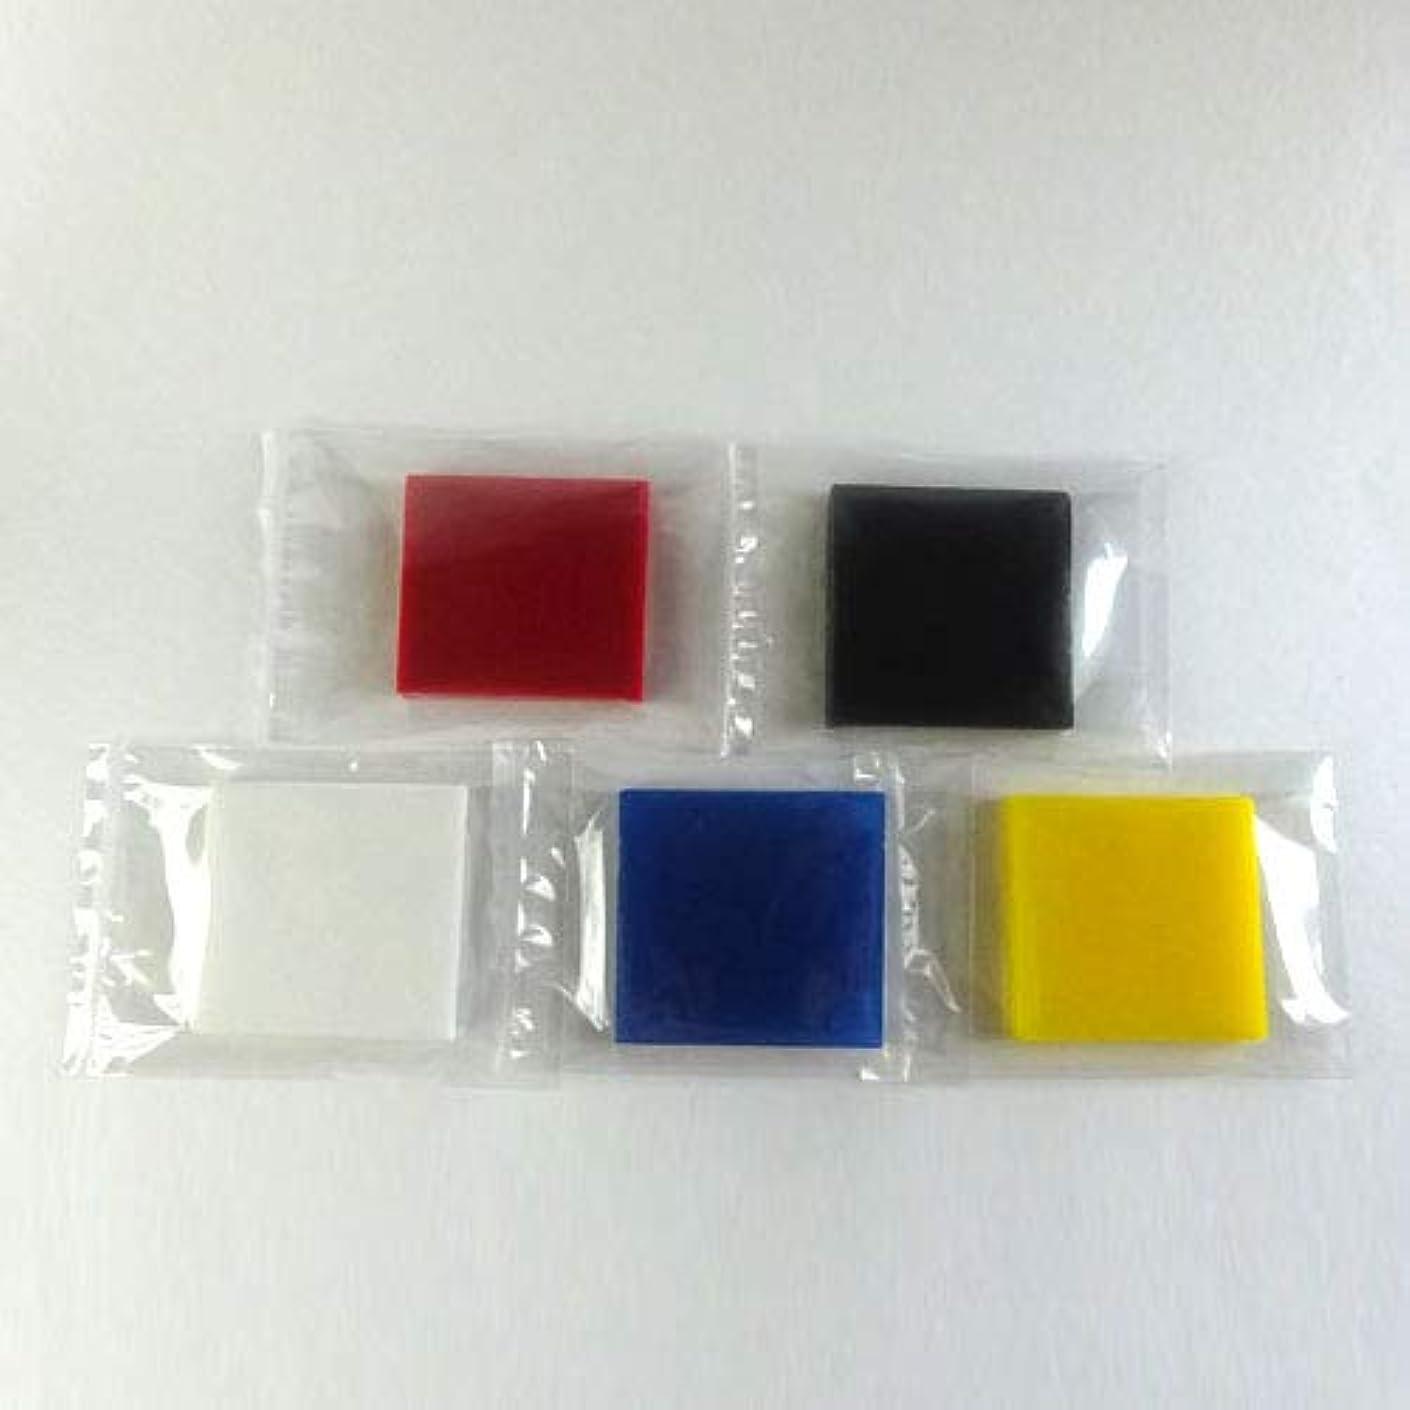 多年生遅い敬なグリセリンソープ MPソープ 色チップ 5色(赤?青?黄?白?黒) 各120g(30g x 4pc)